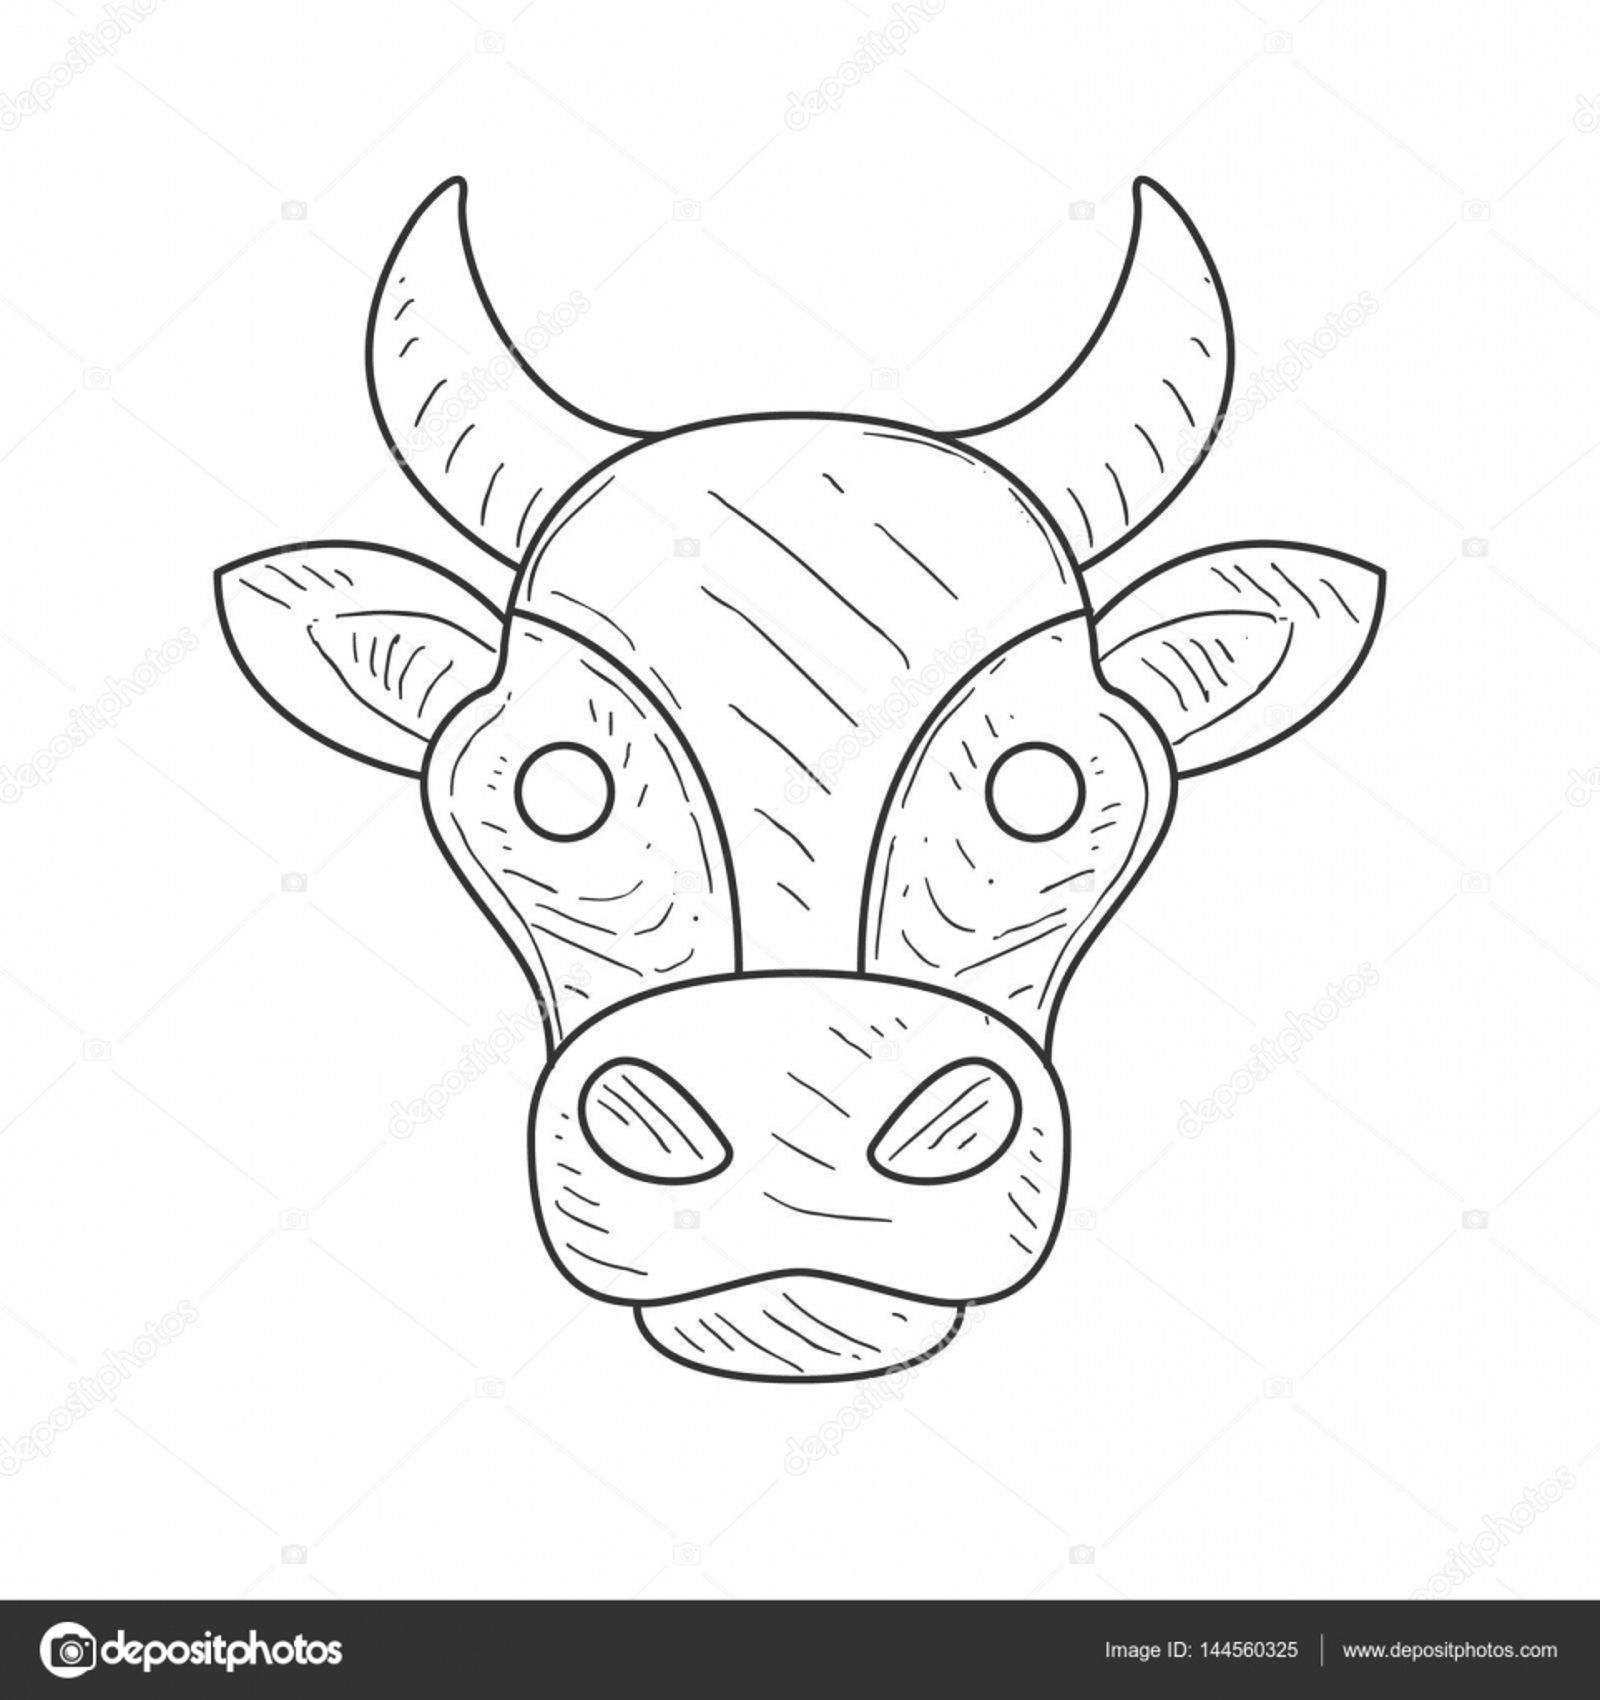 Croquis Au Crayon Avec Isolé Les Vaches Tête En Couleur Noir